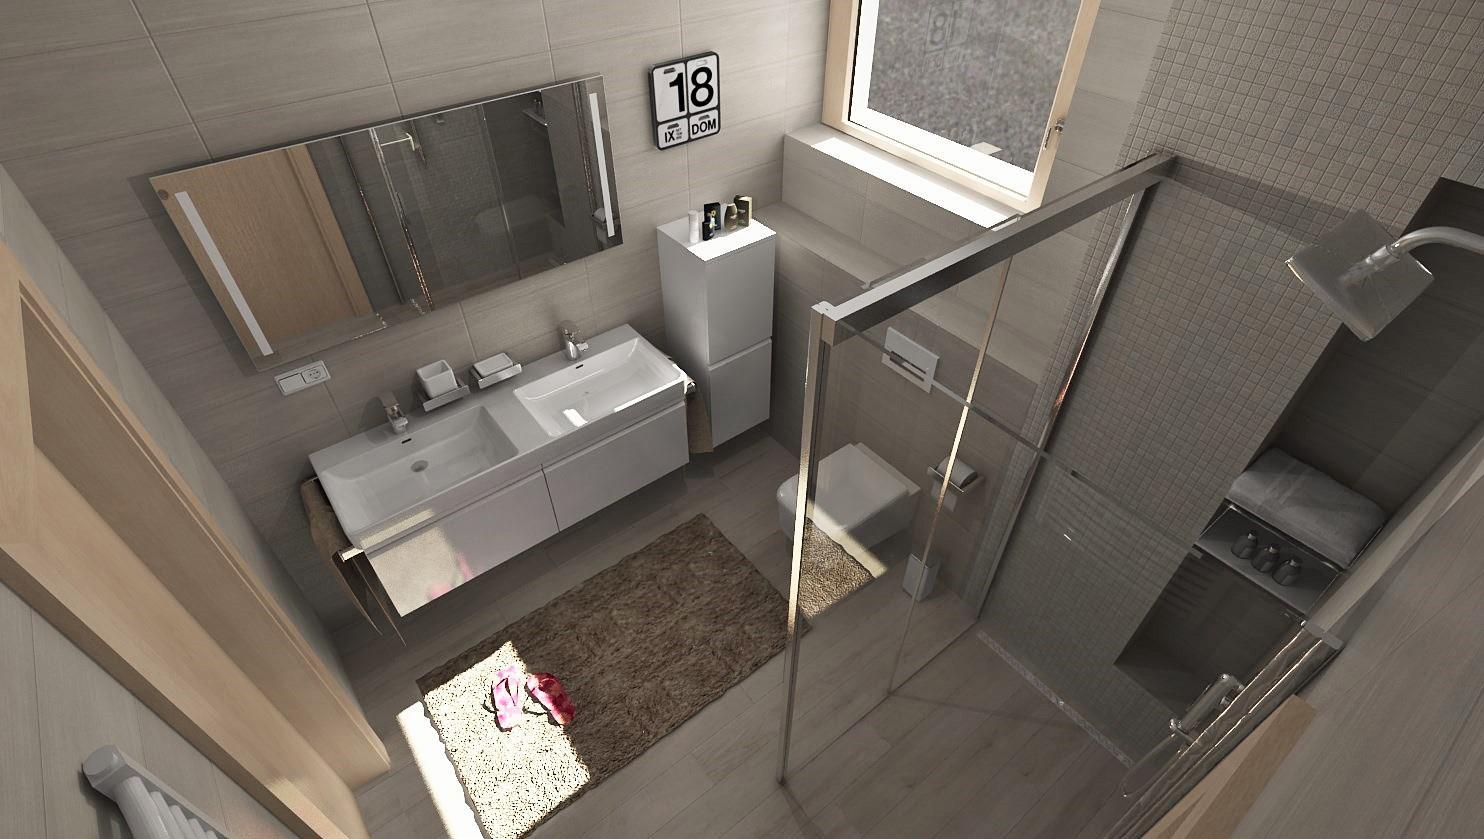 3D návrhy kúpeľní - vizualizácie - Vizualizácia kúpeľne - obklad GRIGIO 20x50 - 29,90 €/m2